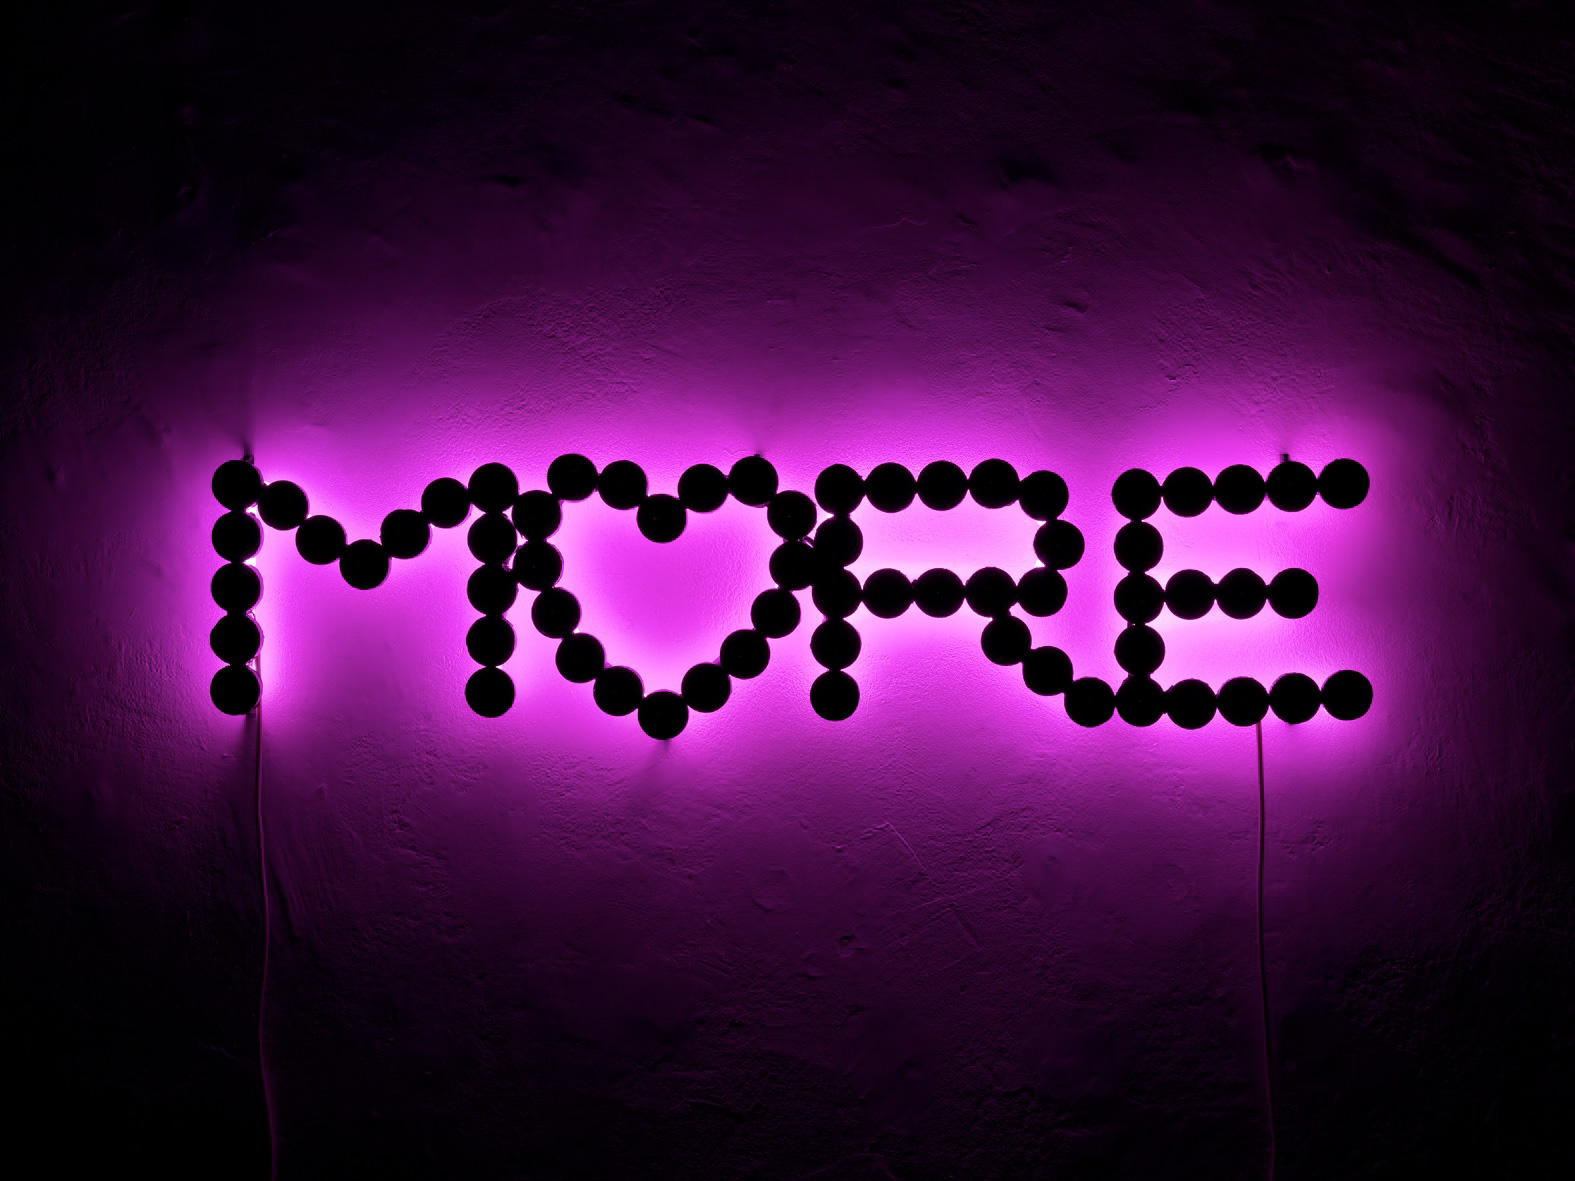 Michele Chiossi MORE LOVE, 2009  resine polimeriche, acciaio, Jaguar car paint, neon scultura retroilluminazione rosa fucsia lumini amore cuore